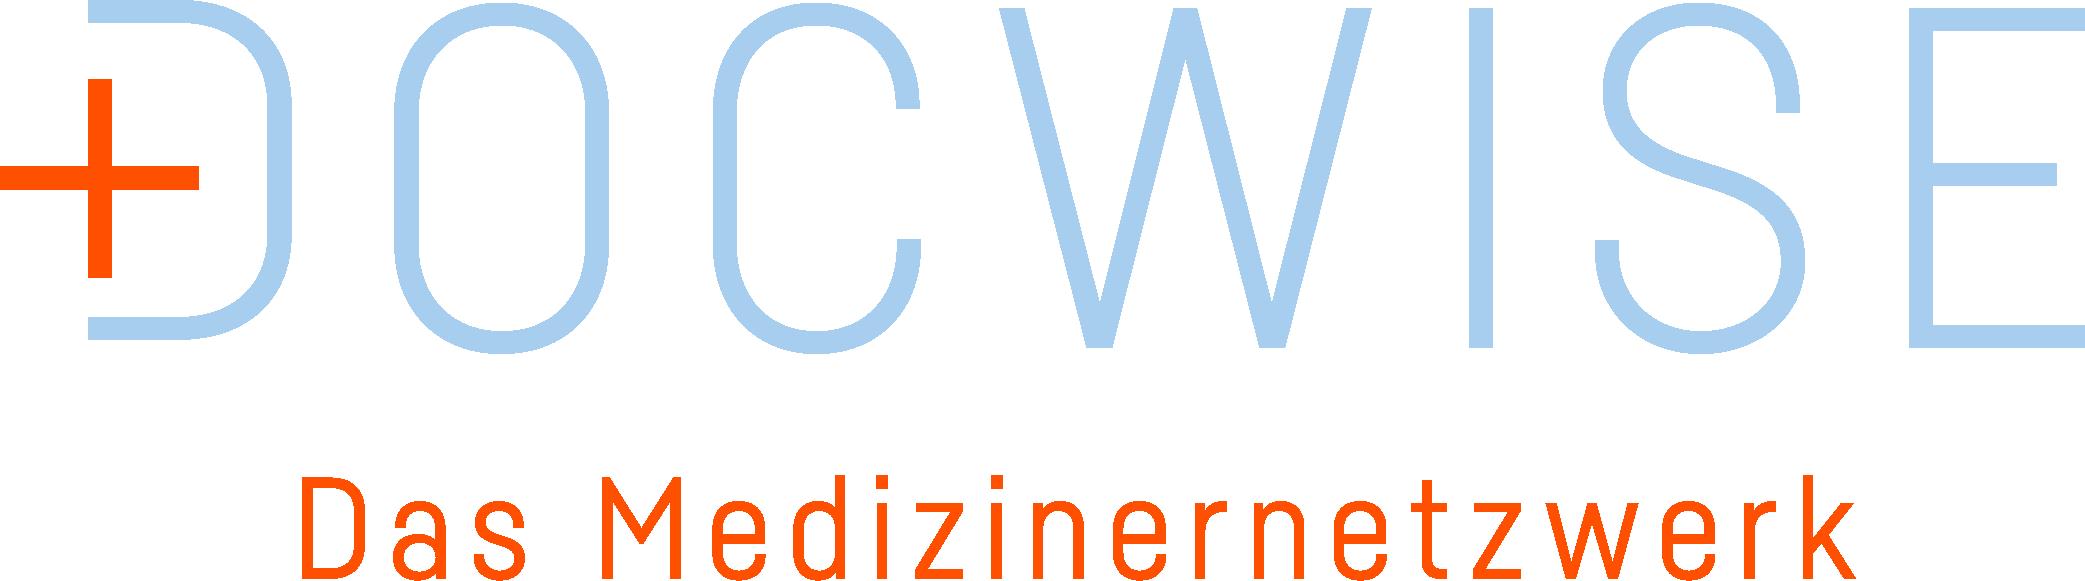 Logo Pluss DOCWISE